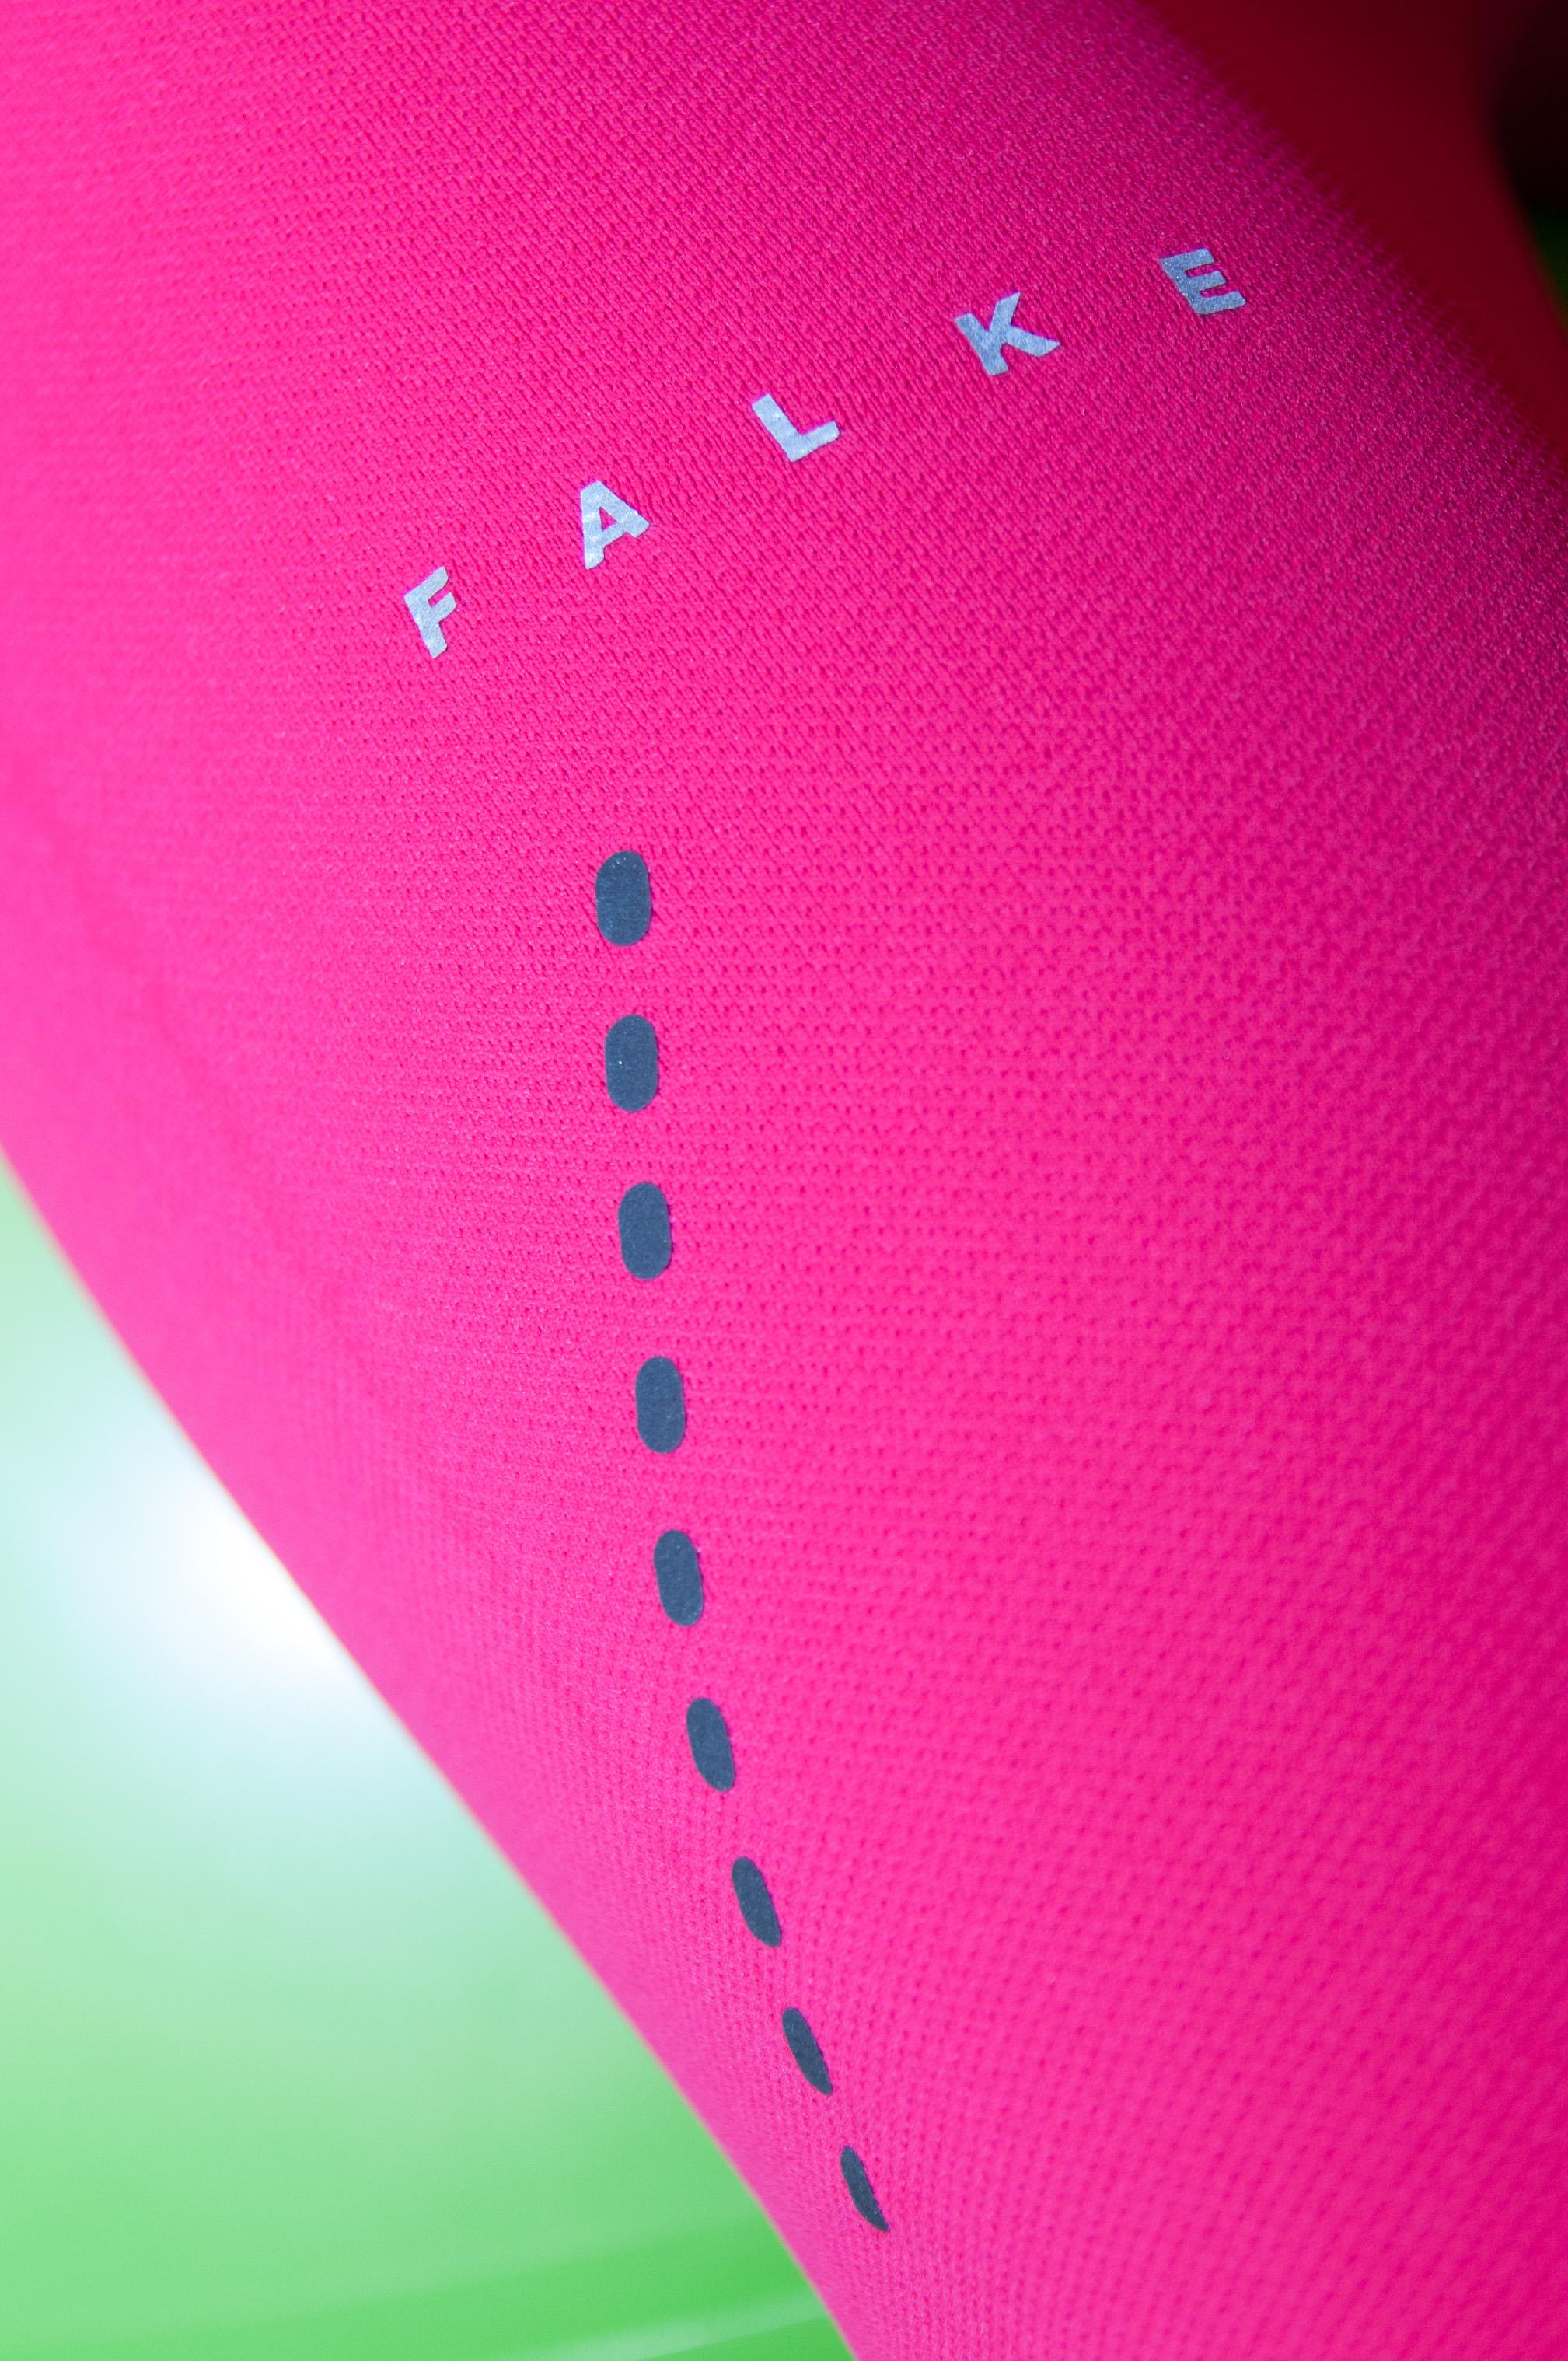 FALKE Ergonomic Sport System Clothing Line Review